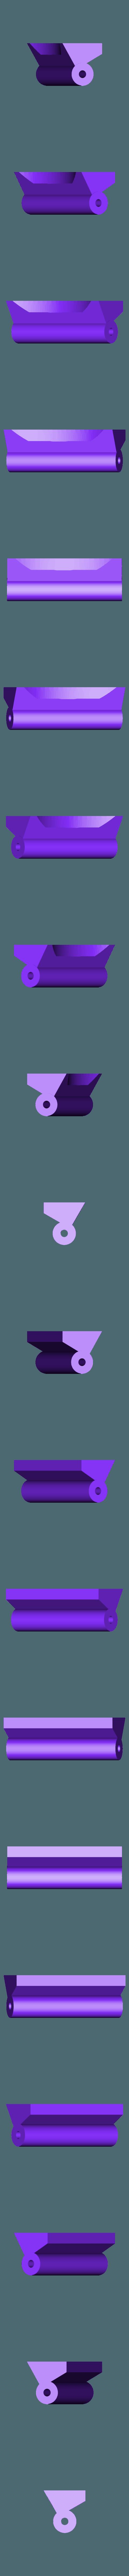 DoorHinge.door.hinge.stl Télécharger fichier STL gratuit Charnière de porte de voûte à retombées et base creuse, remixé • Design à imprimer en 3D, FelixTheCrazy